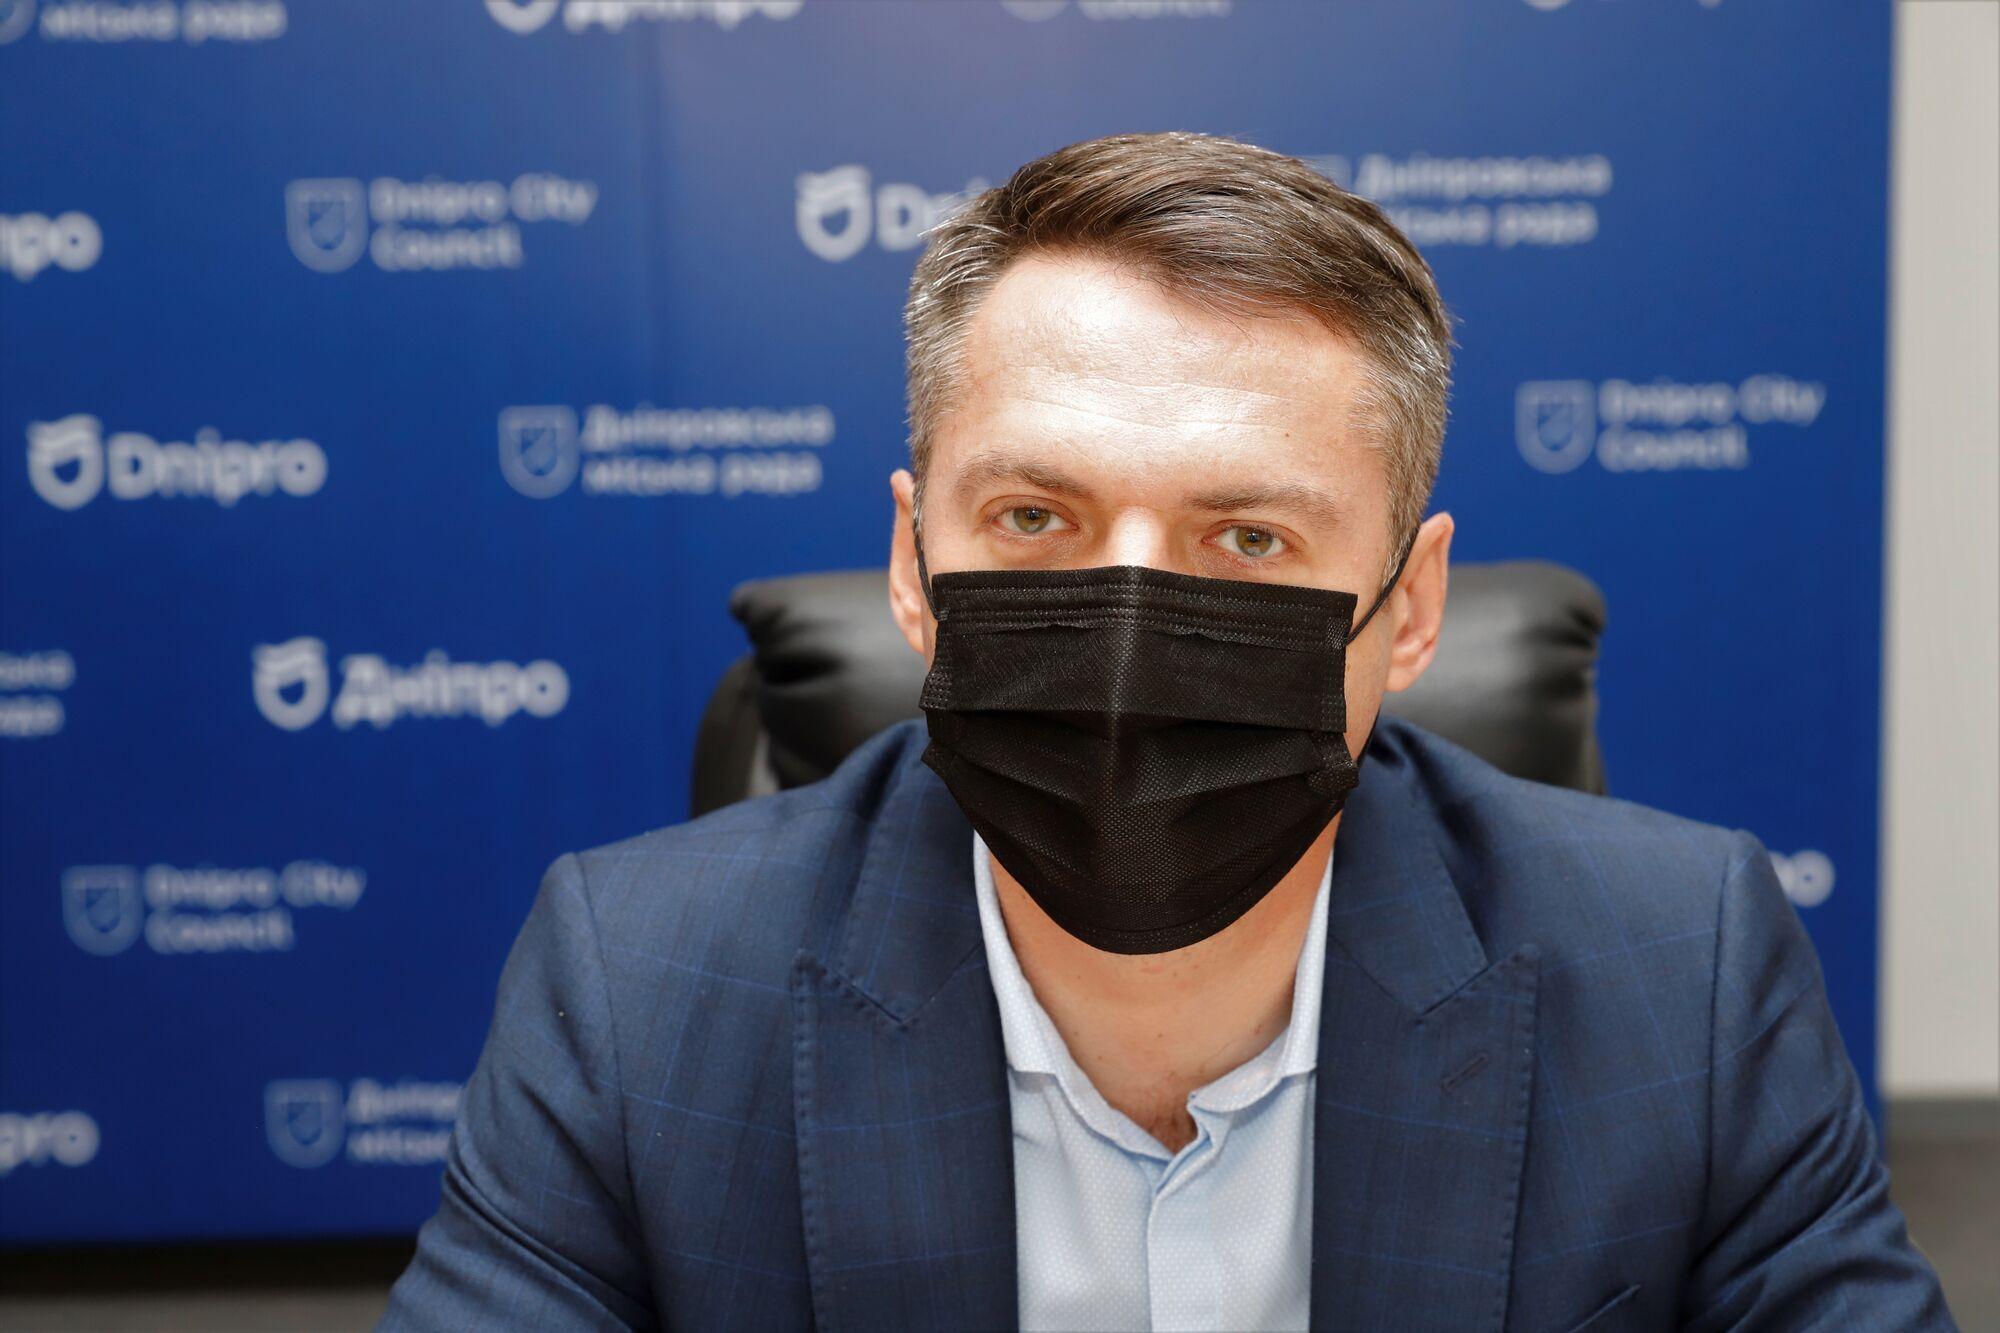 Начальник управления культуры департамента гуманитарной политики горсовета Евгений Хорошилов